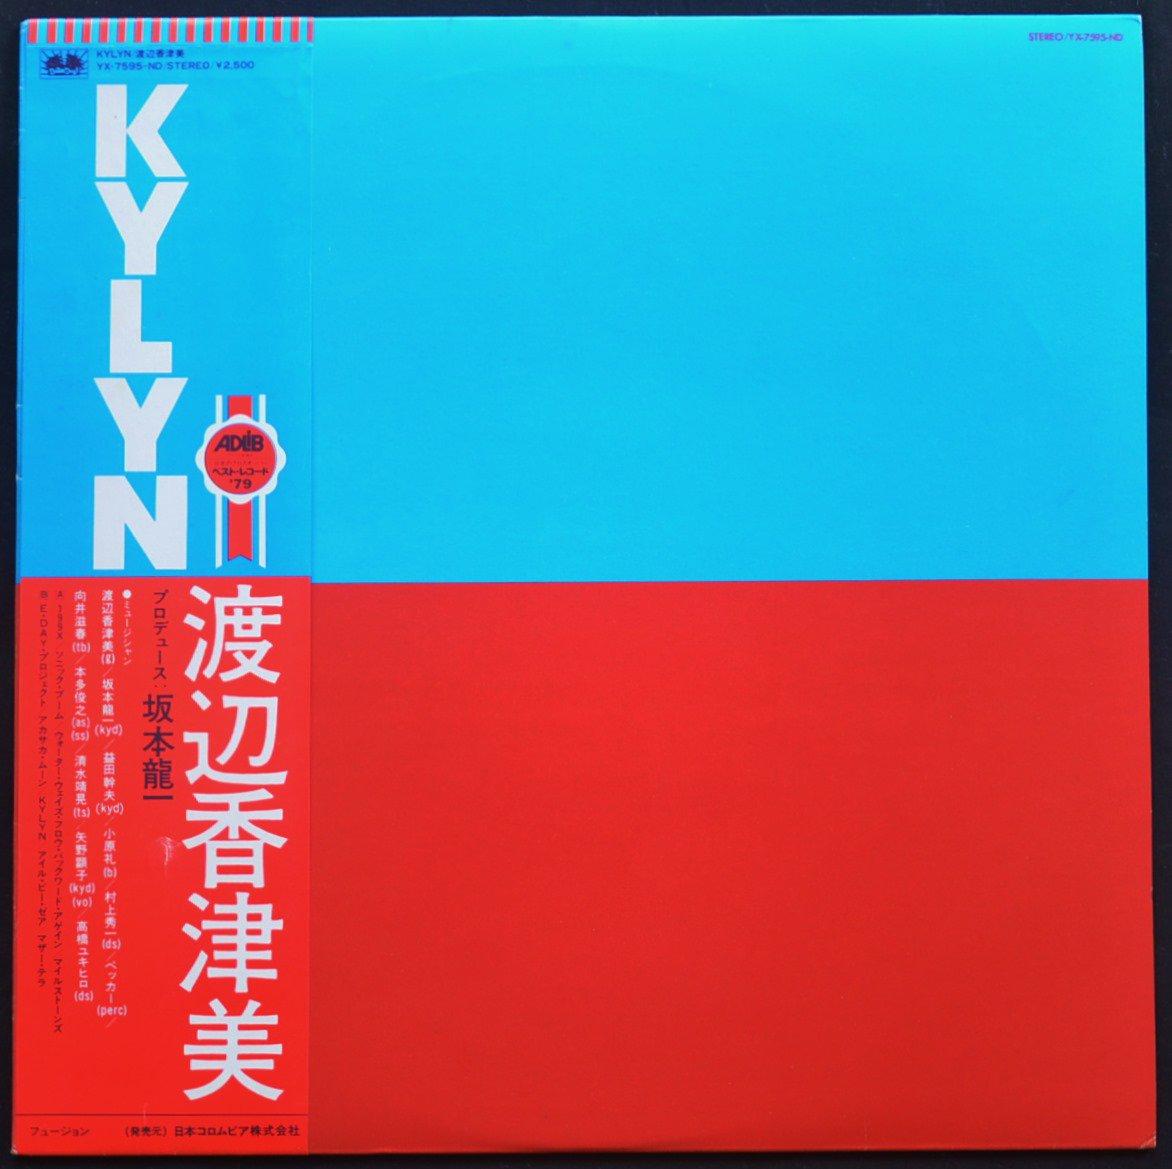 渡辺香津美 KAZUMI WATANABE WITH RYUICHI SAKAMOTO 坂本龍一 / KYLYN (LP)